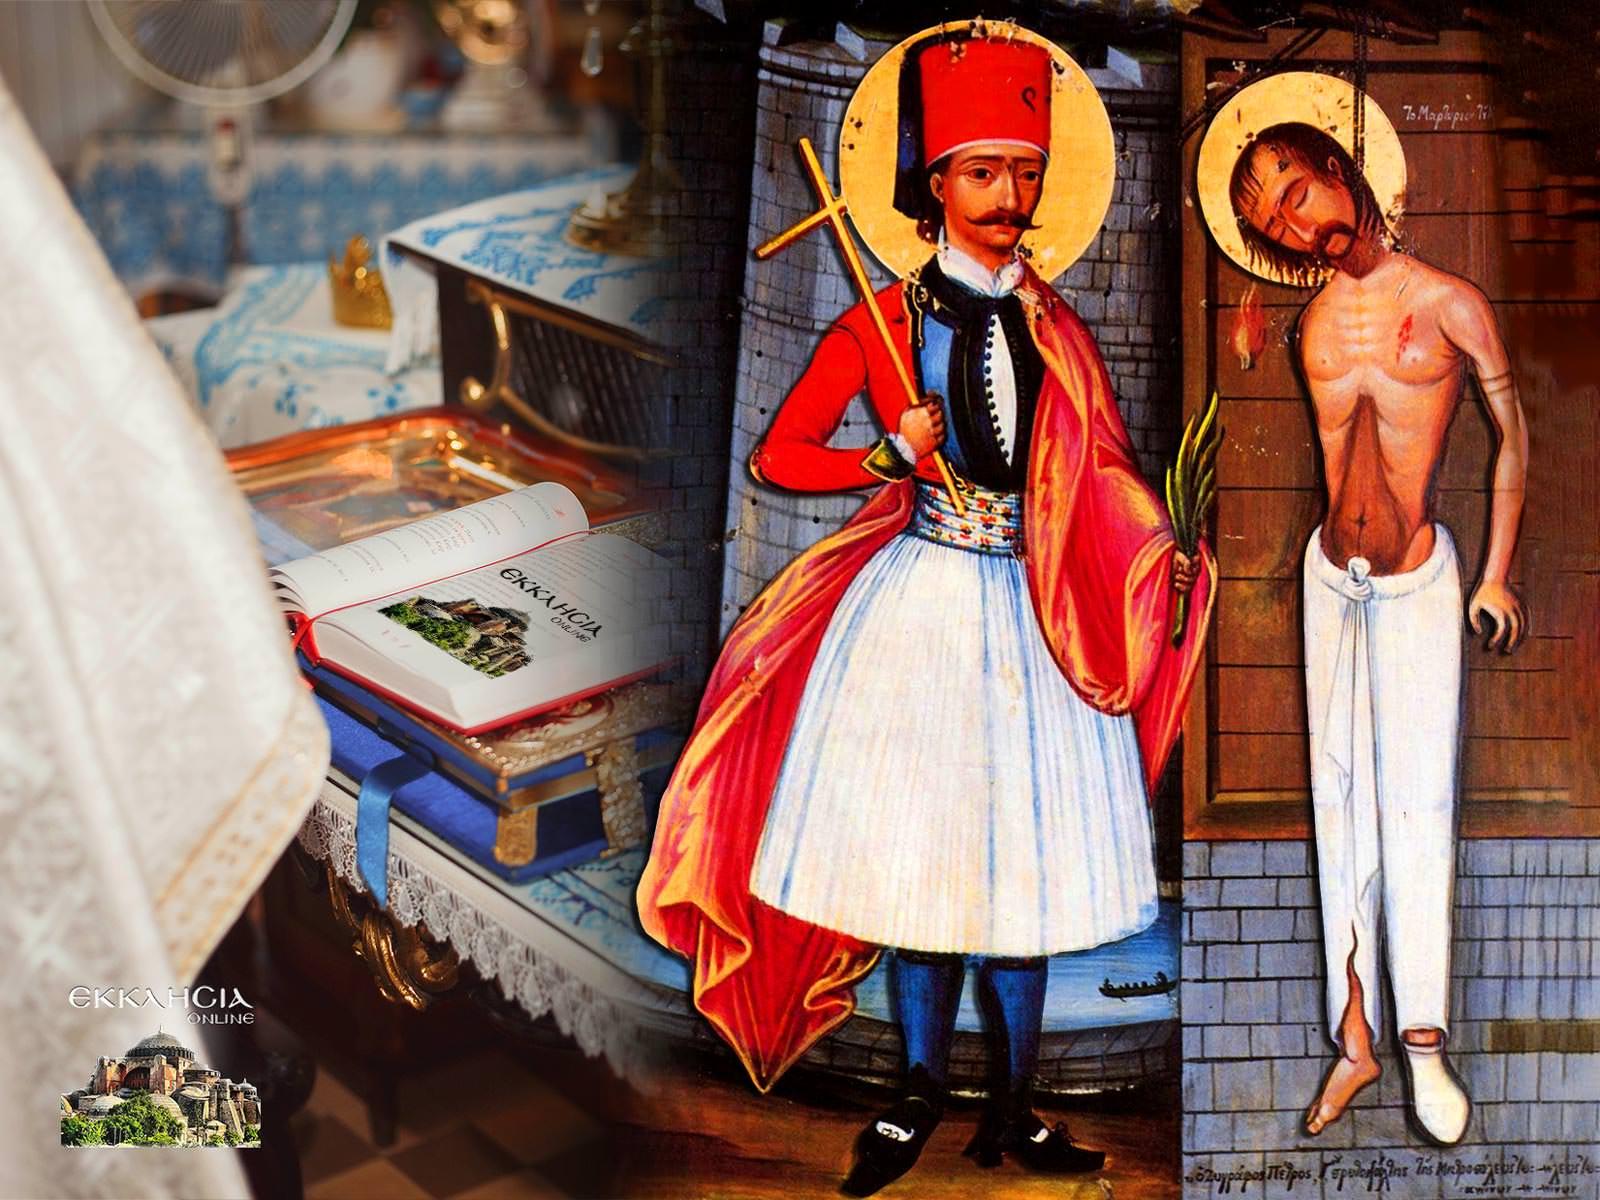 Άγιος Γεώργιος Νεομάρτυρας 17 Ιανουαρίου